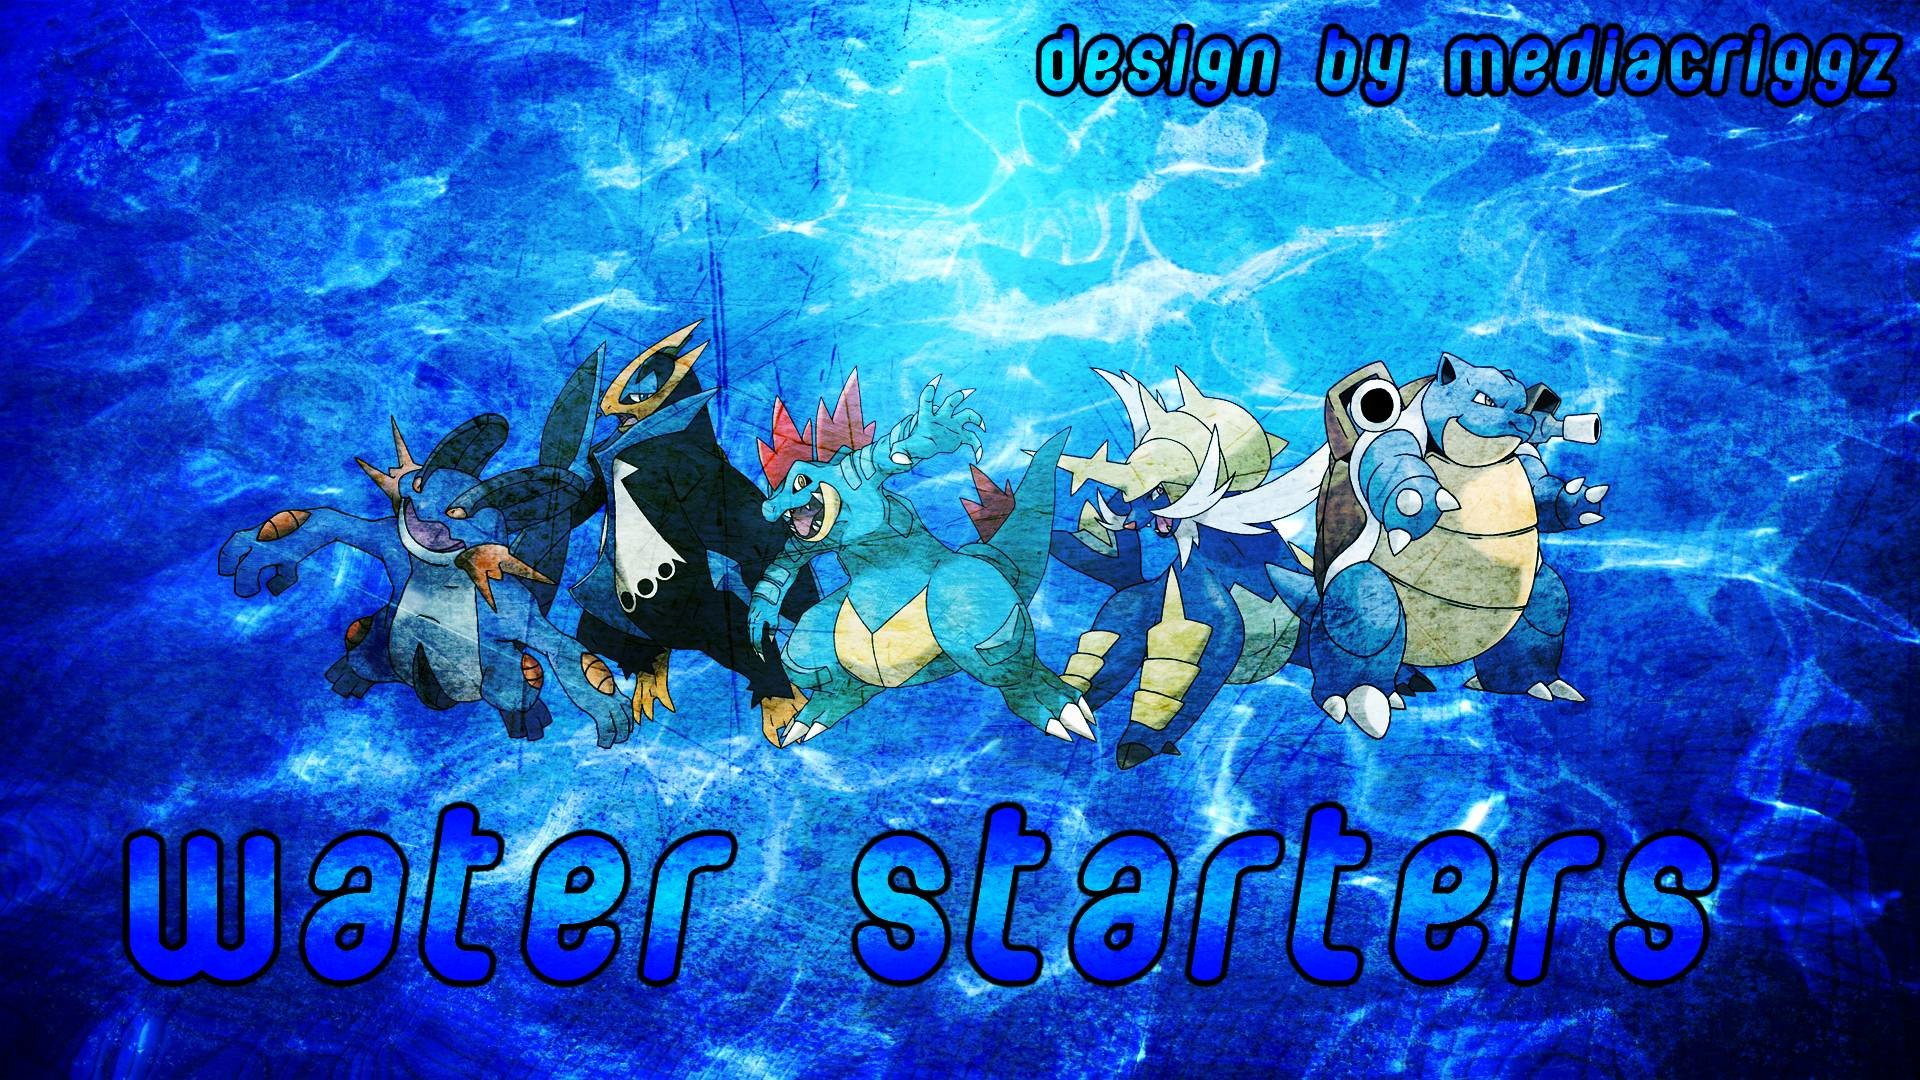 Pokemon Water Starters Wallpaper by MediaCriggz on DeviantArt